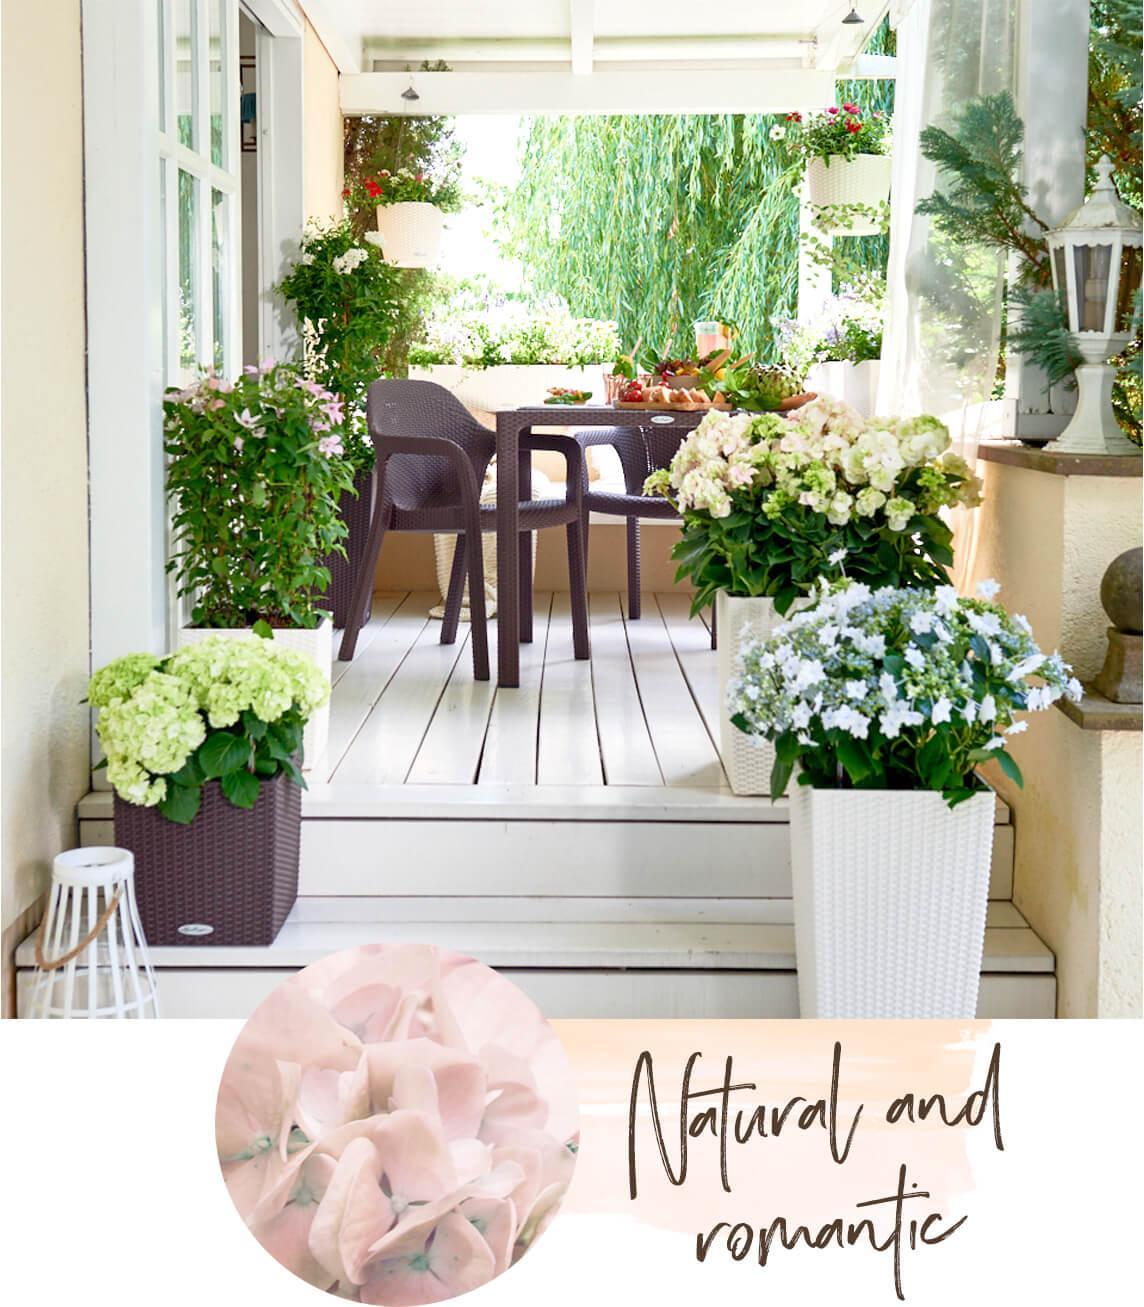 Υπέροχοι κήποι σε εξοχικό στιλ